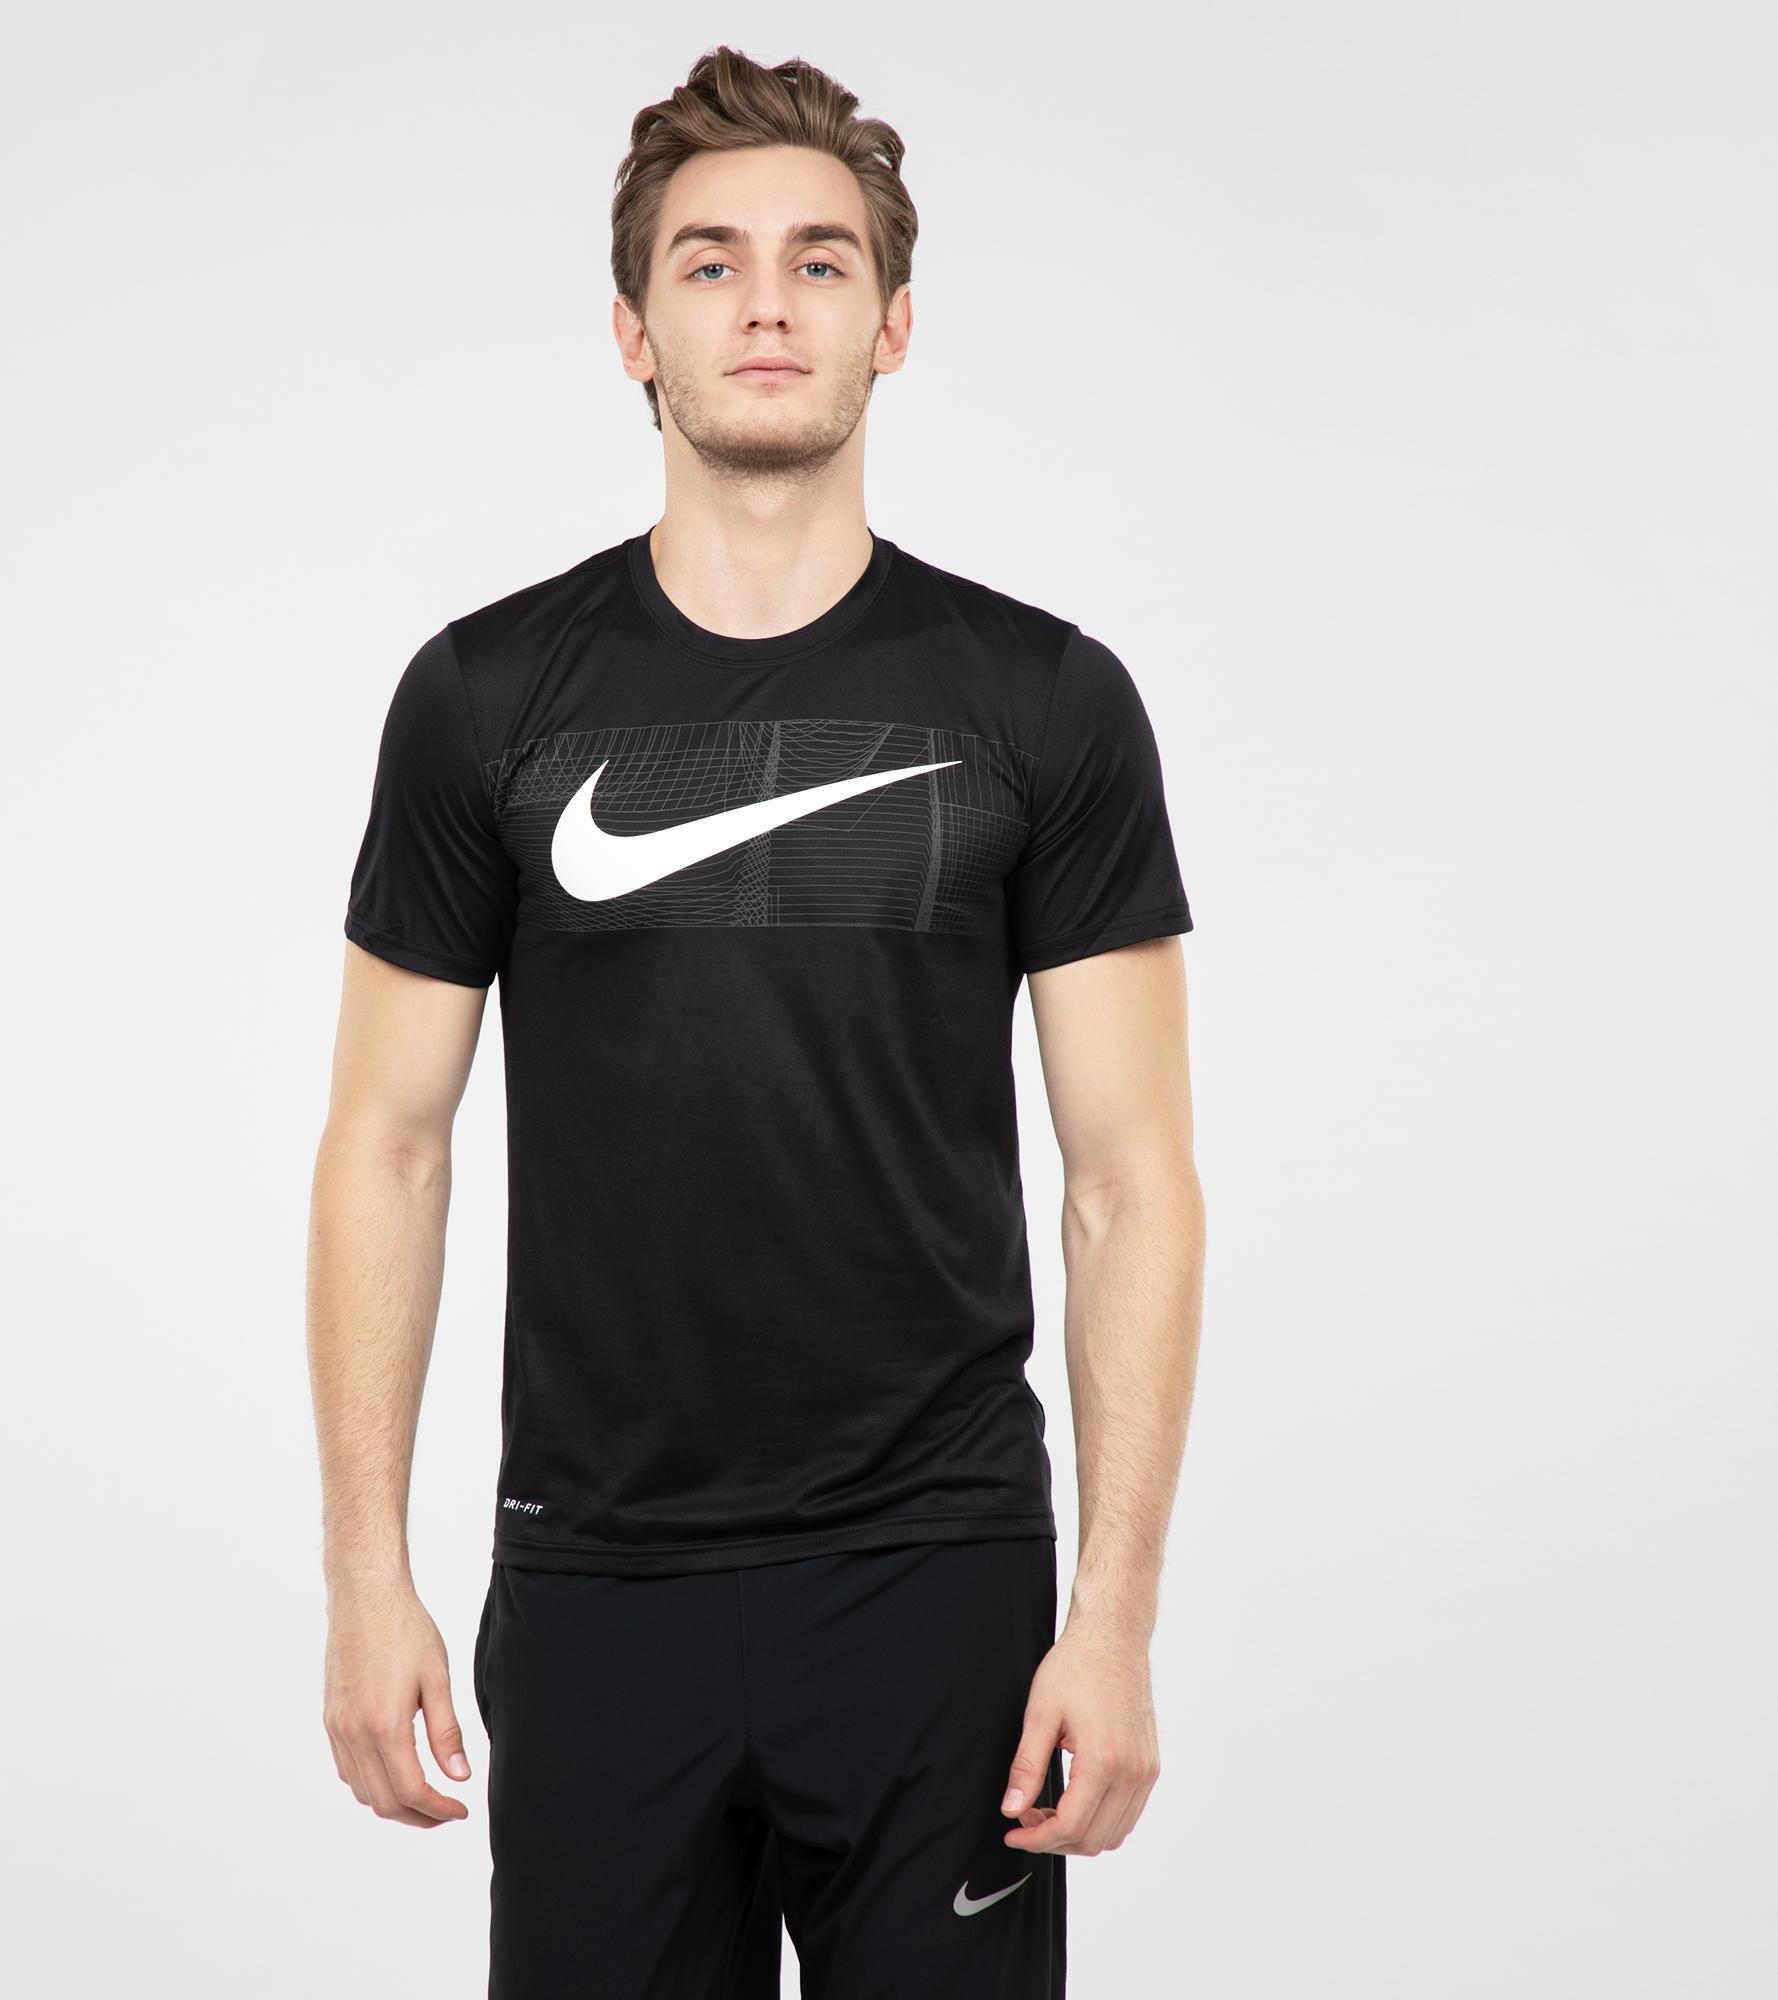 Nike Футболка мужская Dry, размер 52-54